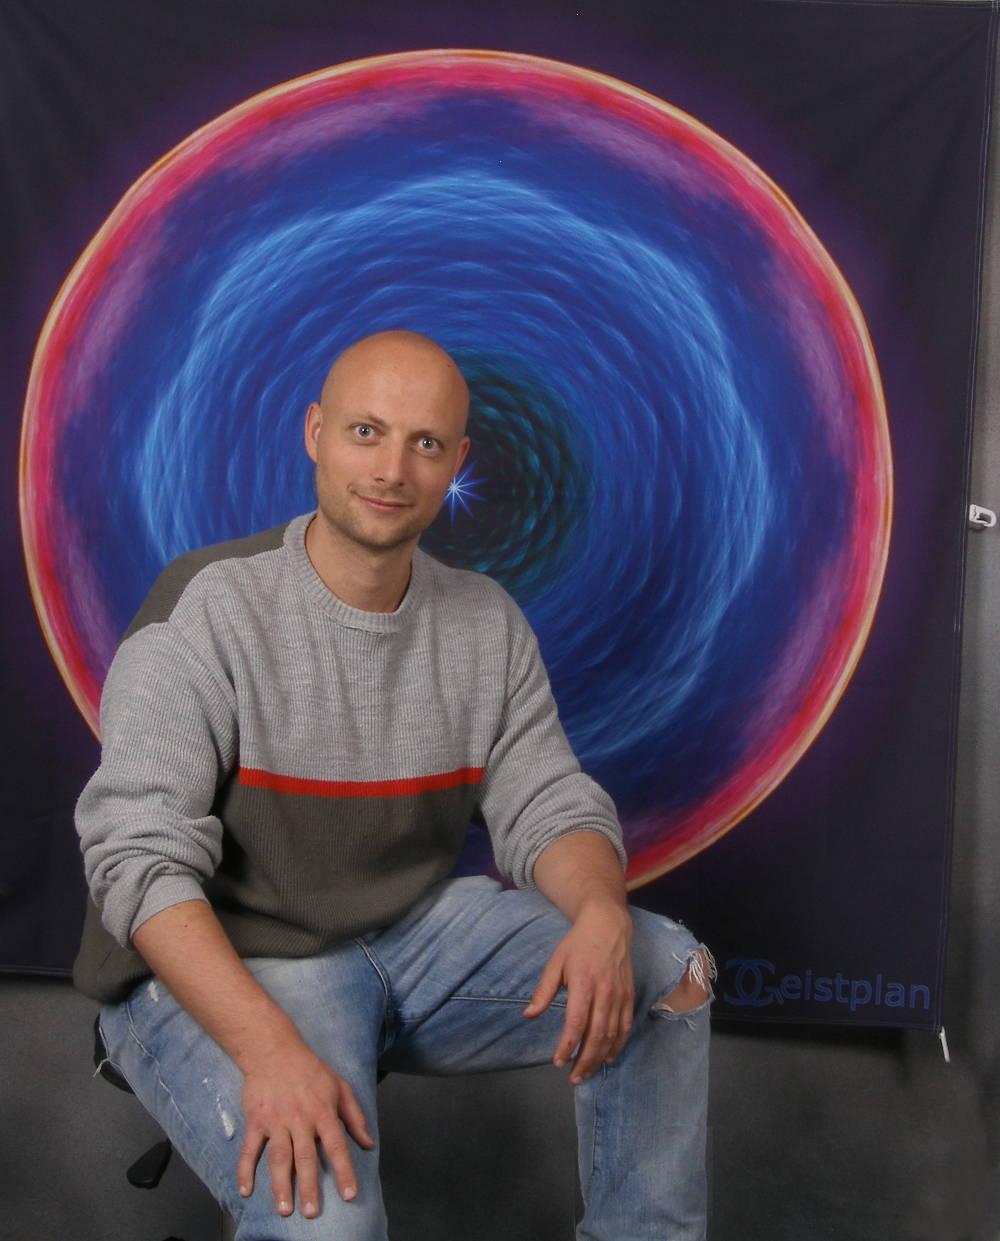 Bild zeigt eine Person sitzend vor einem wirklich großen Mandalatuch